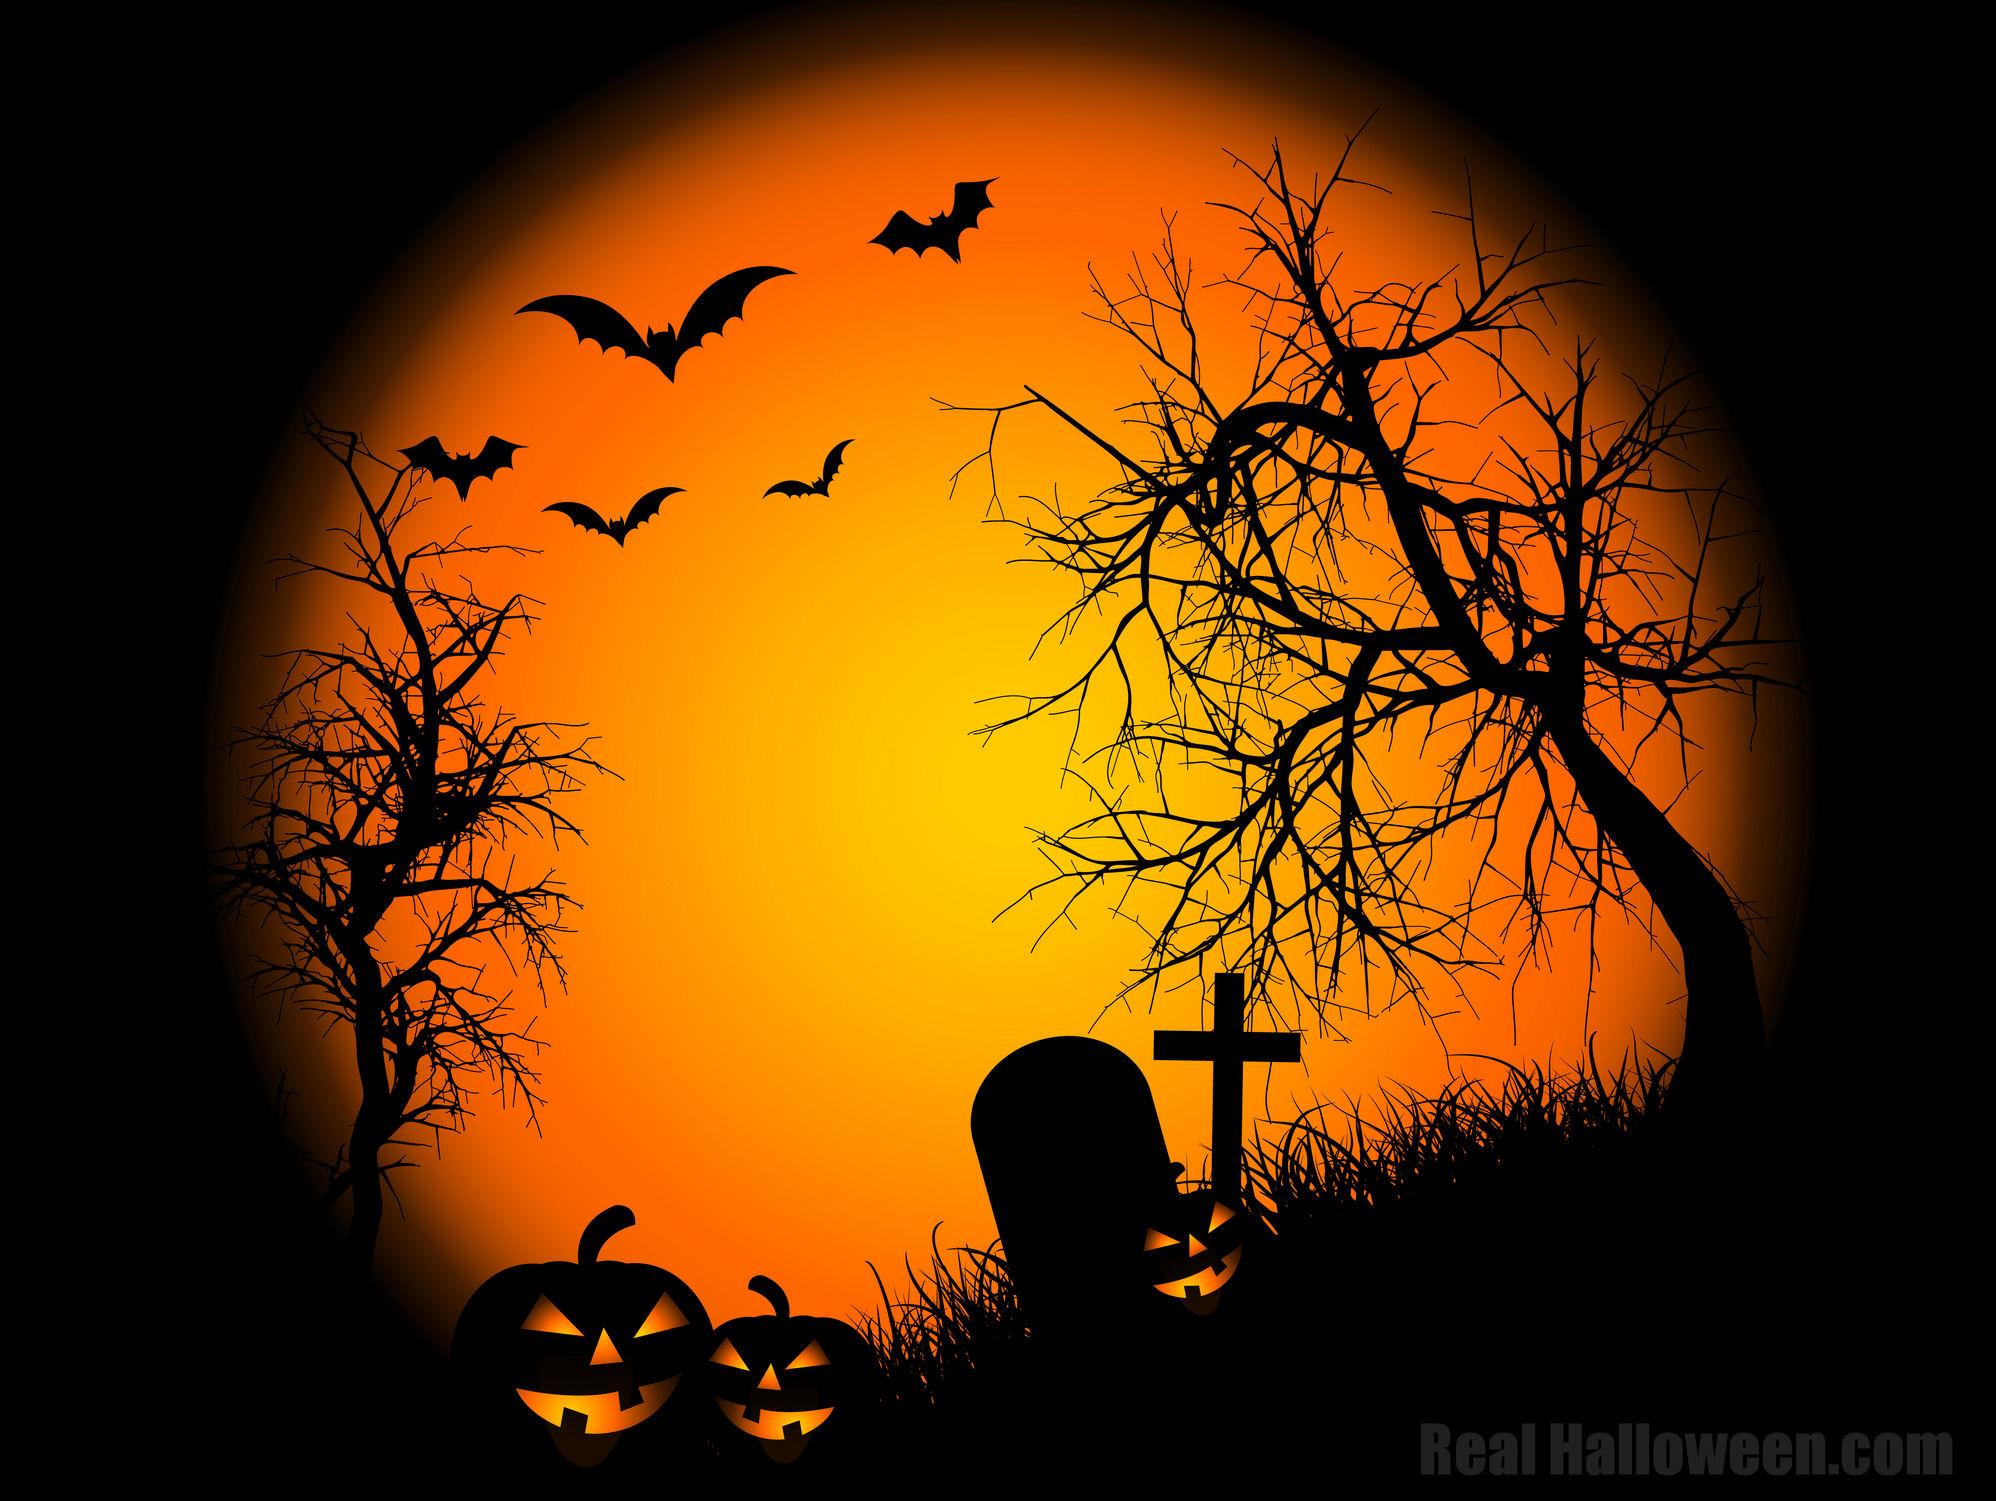 PFTW Halloween Wallpaper